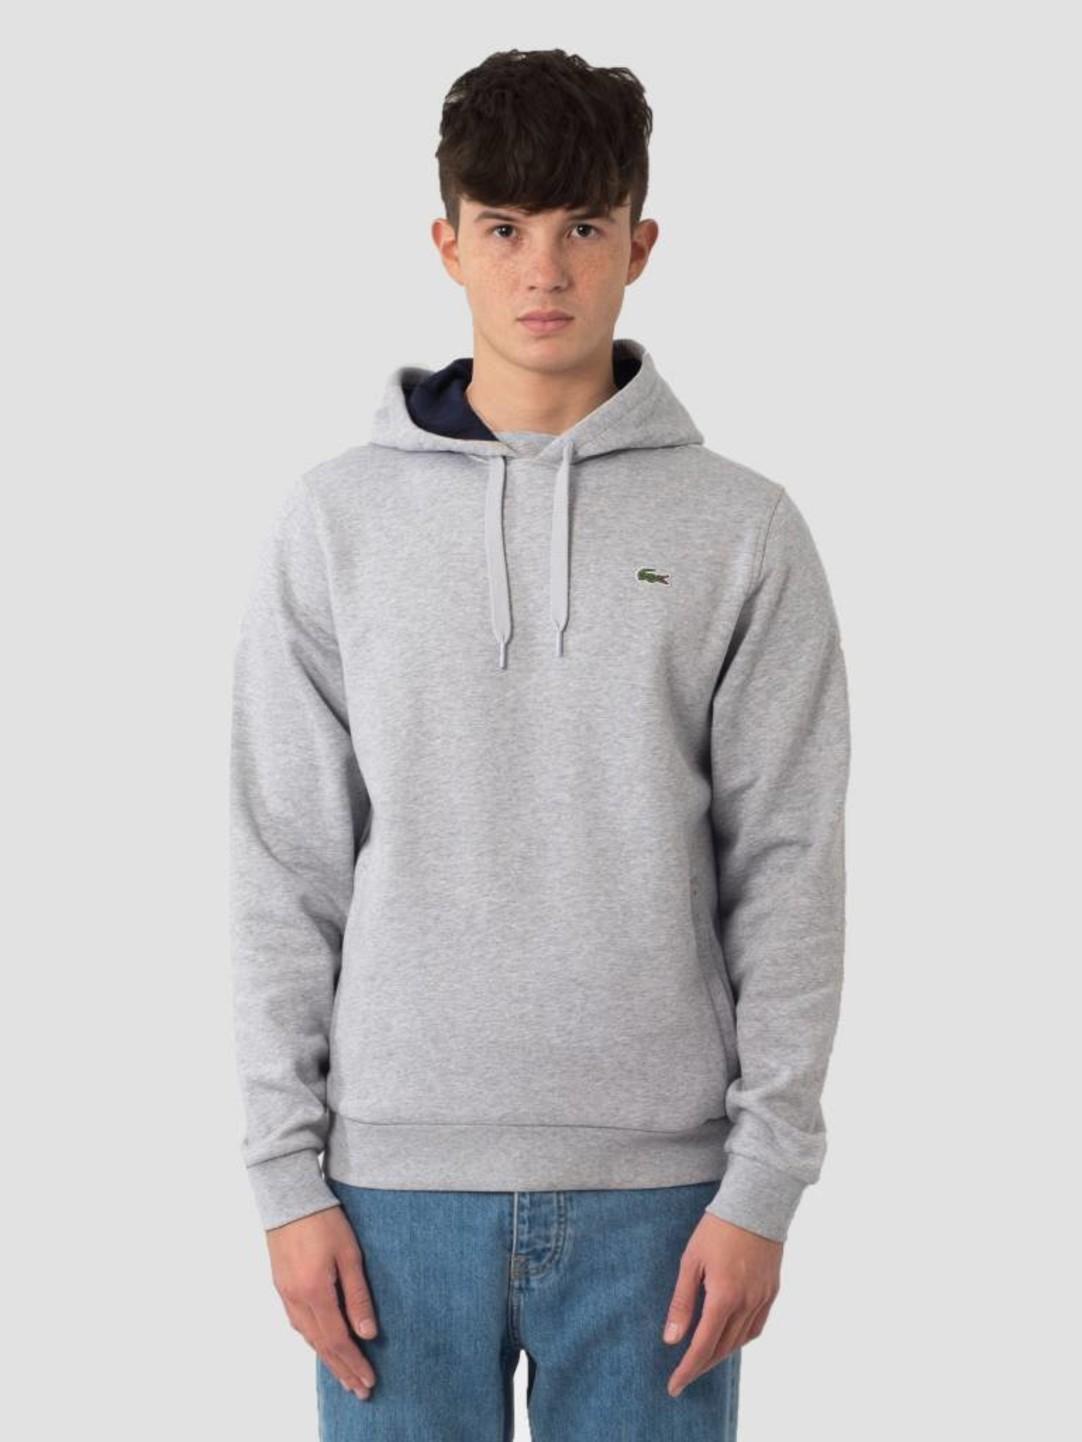 Lacoste Lacoste 1HS1 Sweatshirt 07A Argent Chine Marine Sh2128-83